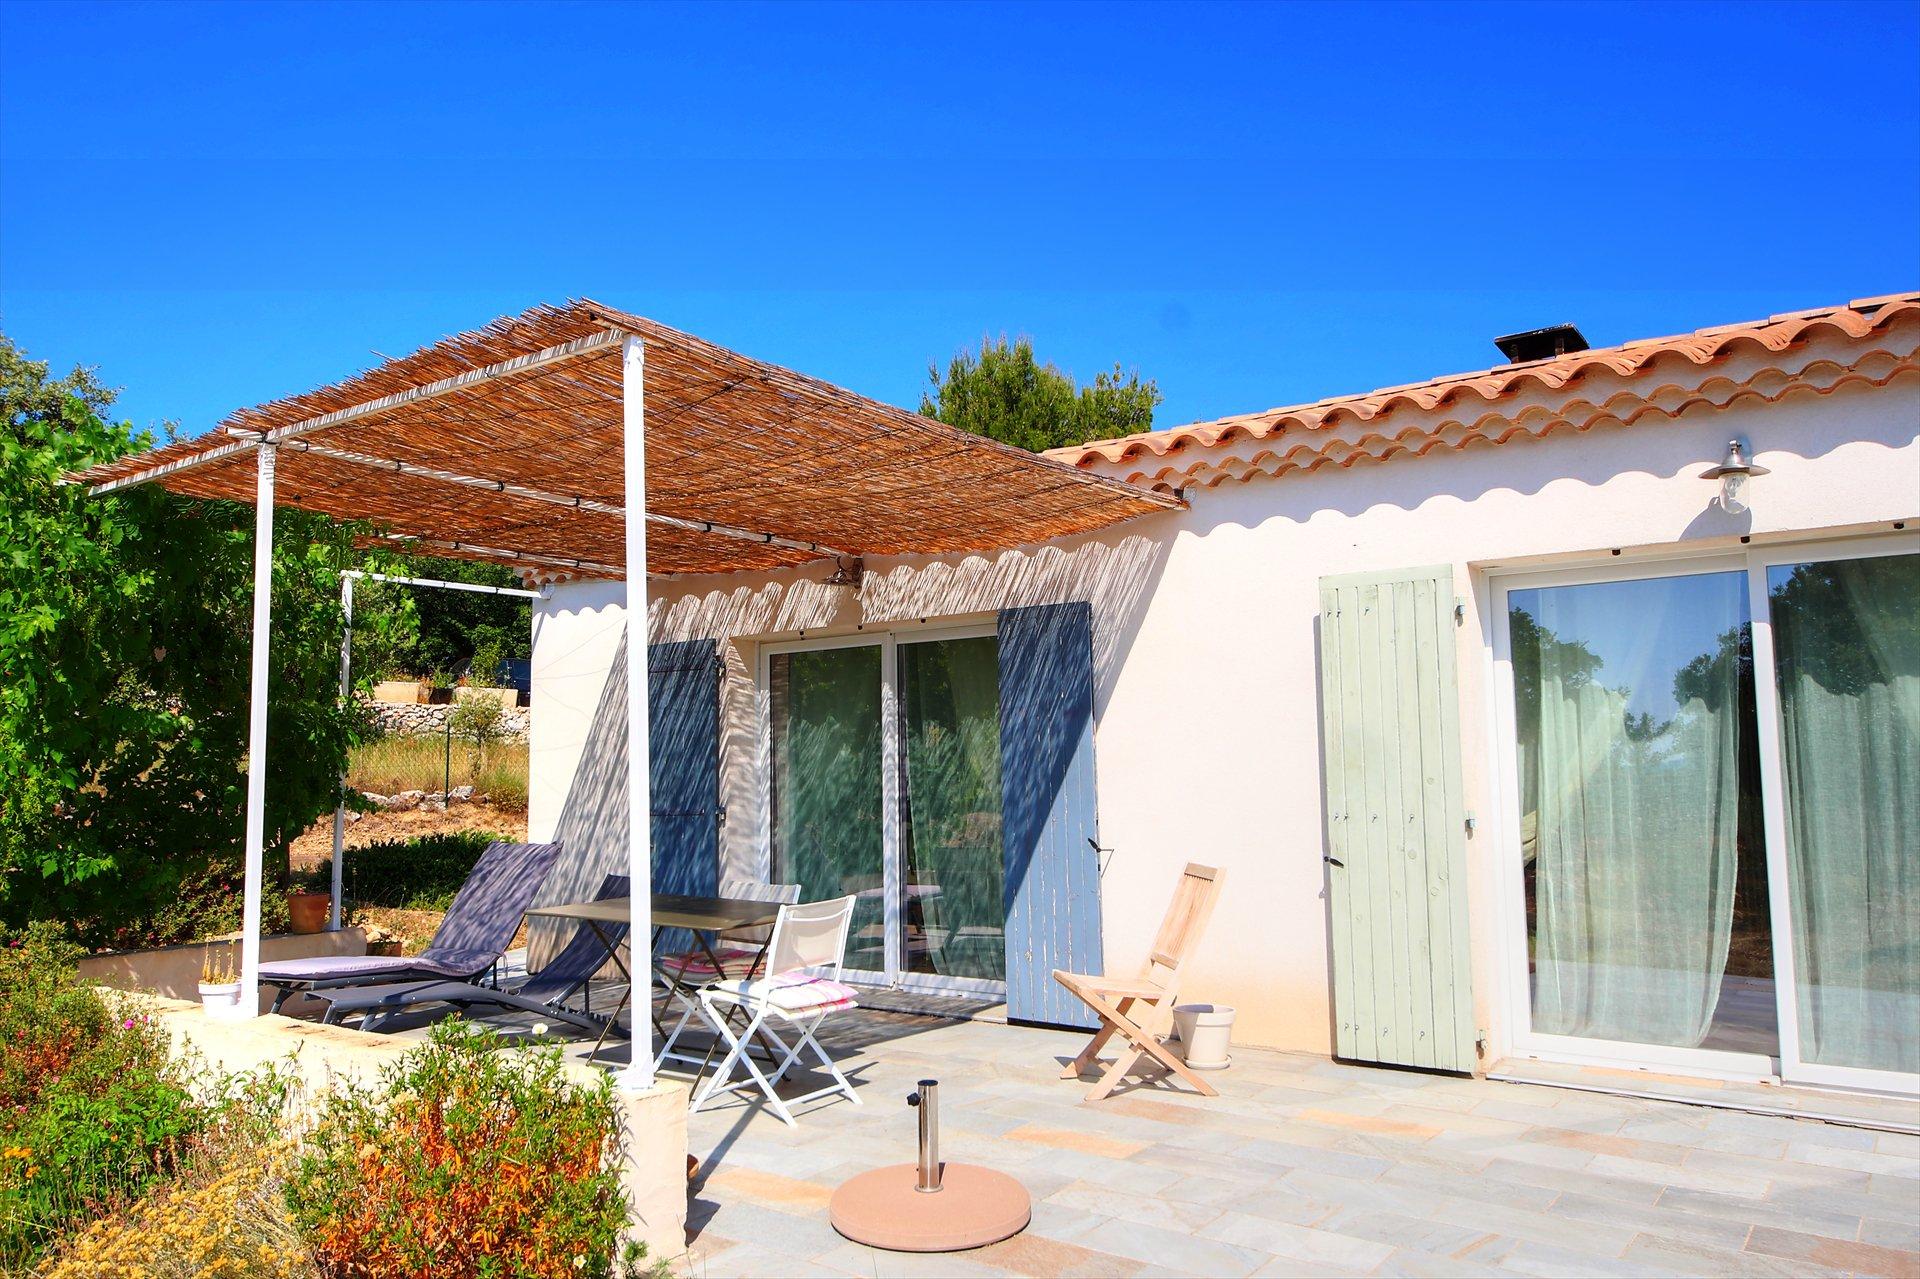 Maison récente avec jardin - Verdon Var Provence